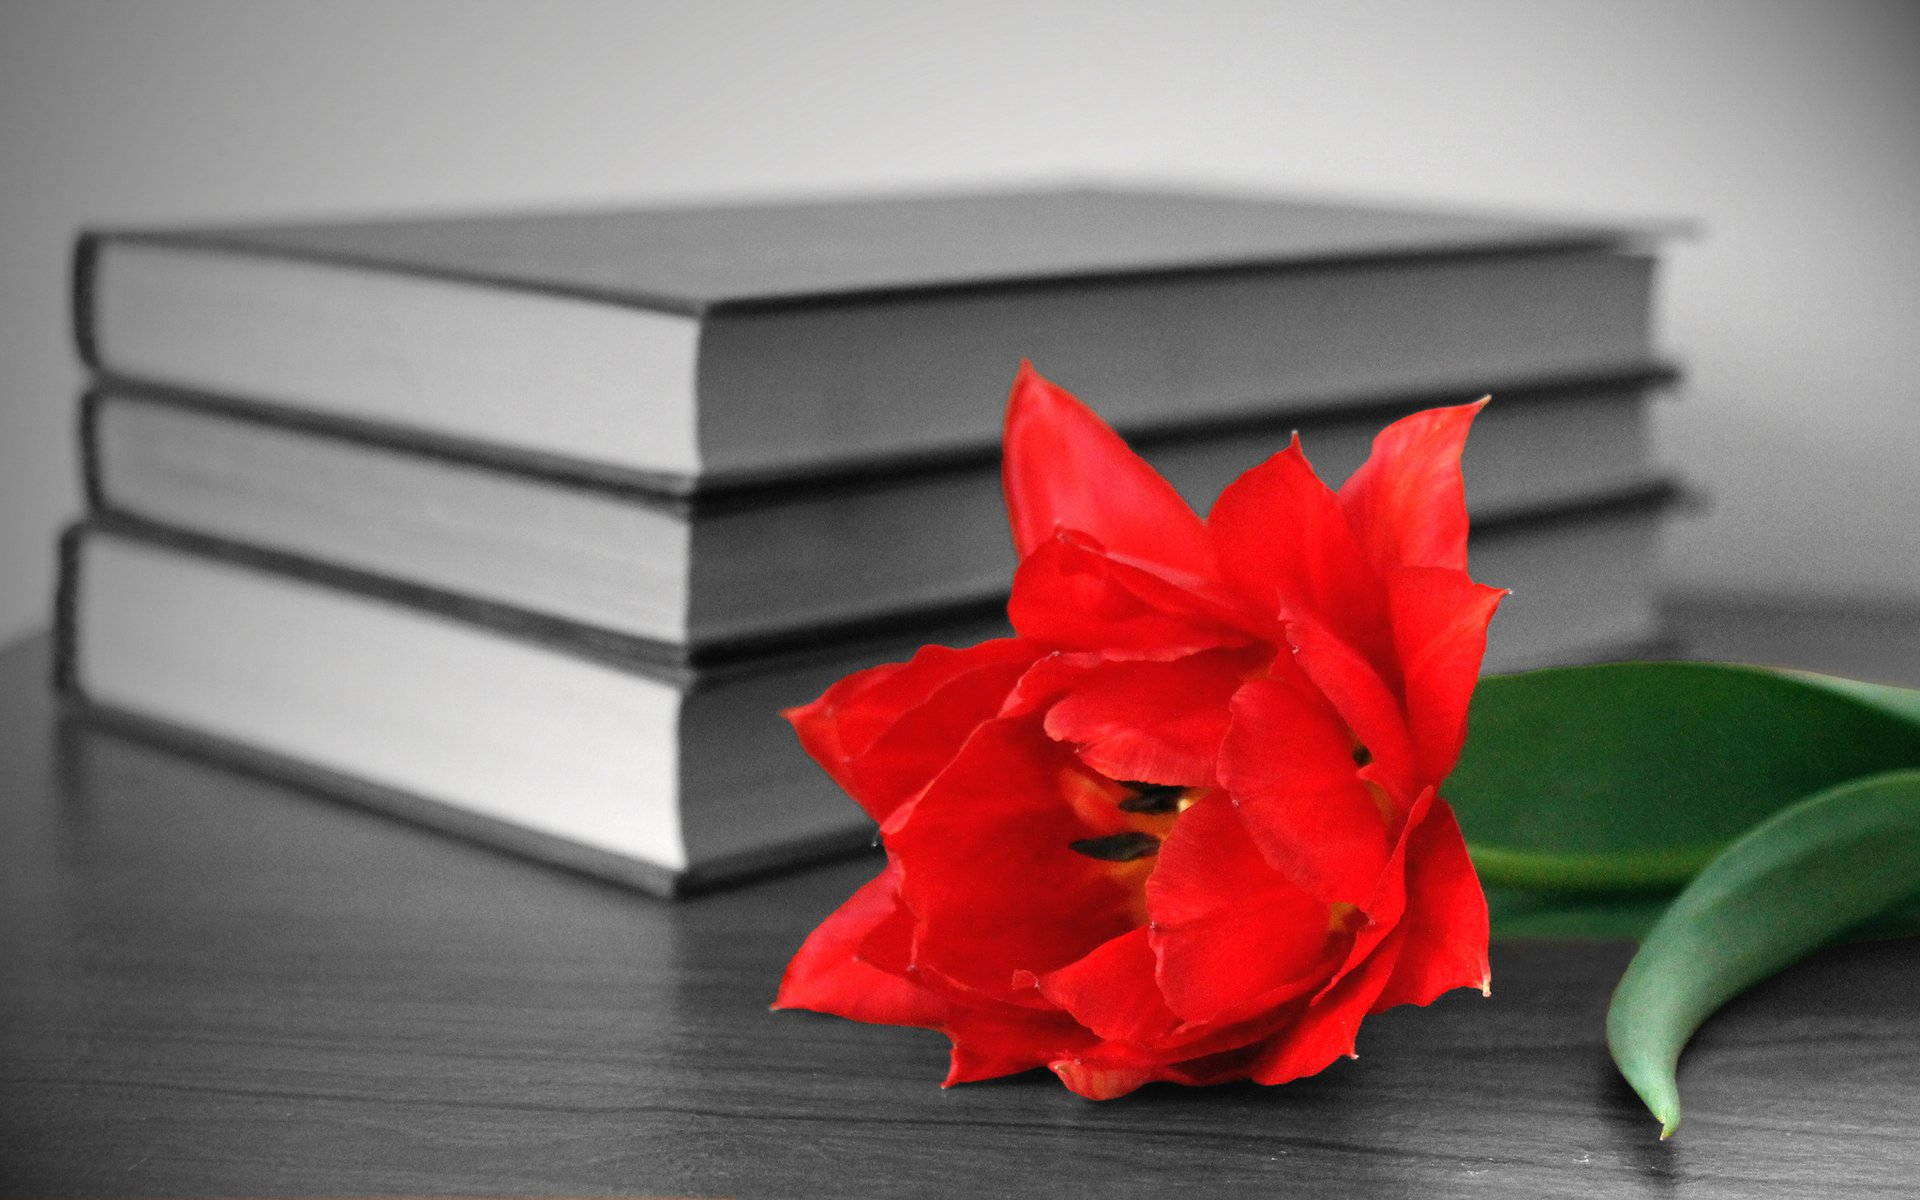 Цветок в книге  № 1489009 загрузить